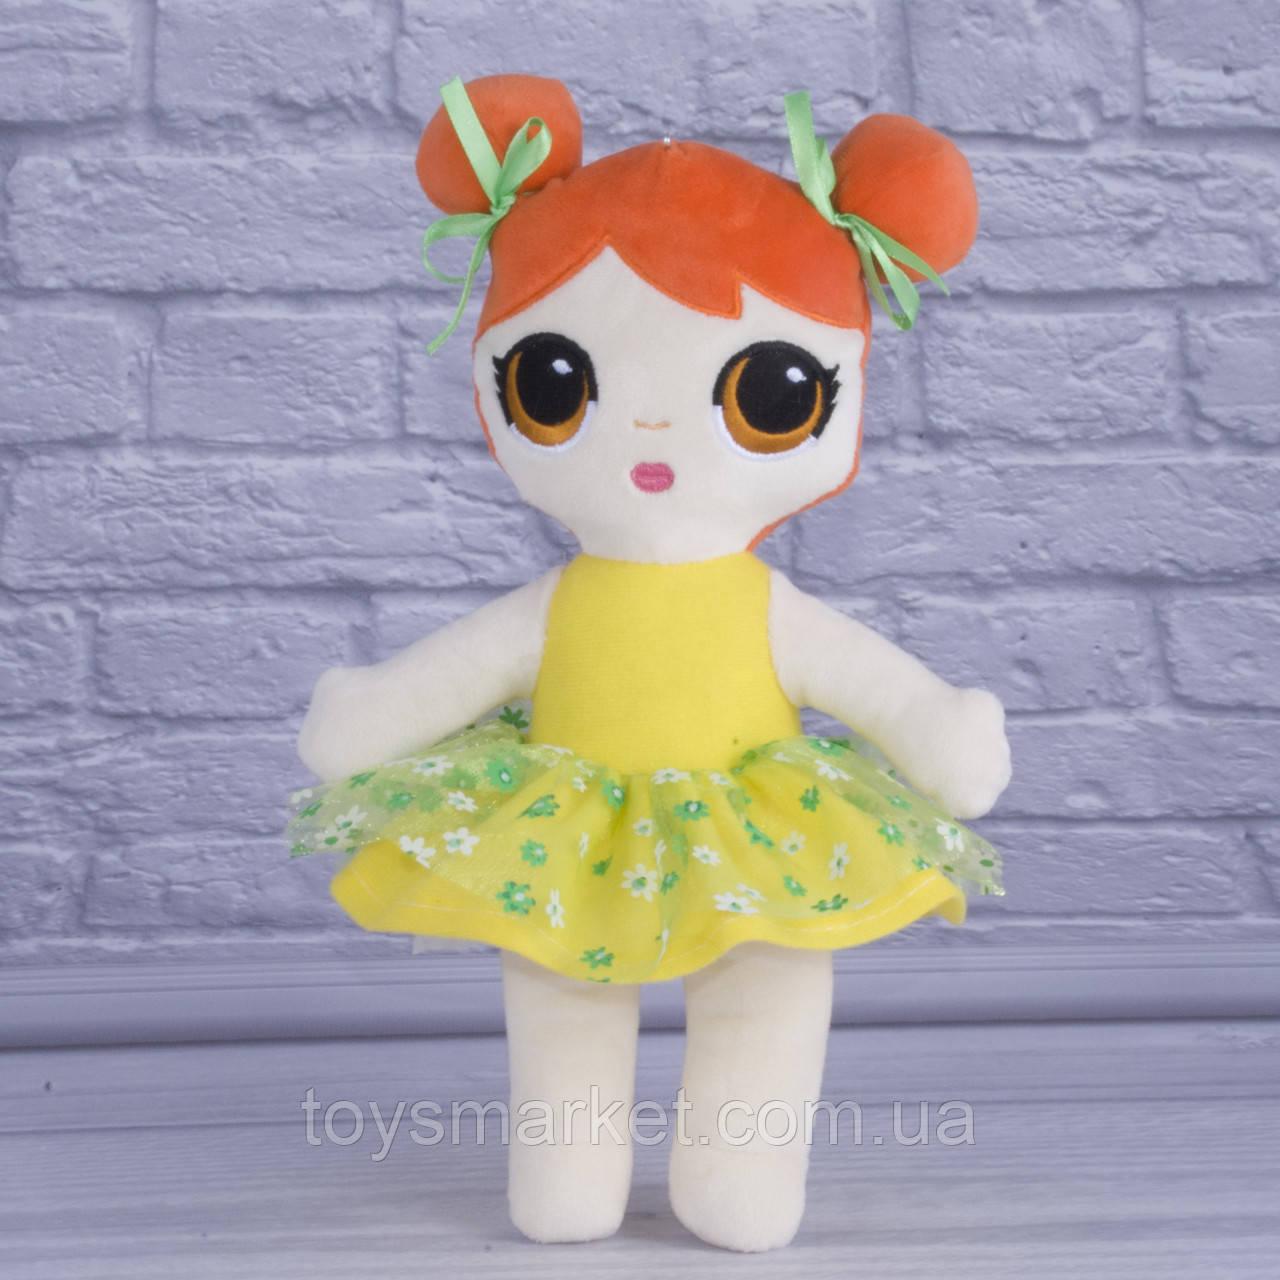 Мягкая кукла LOL, ЛОЛ